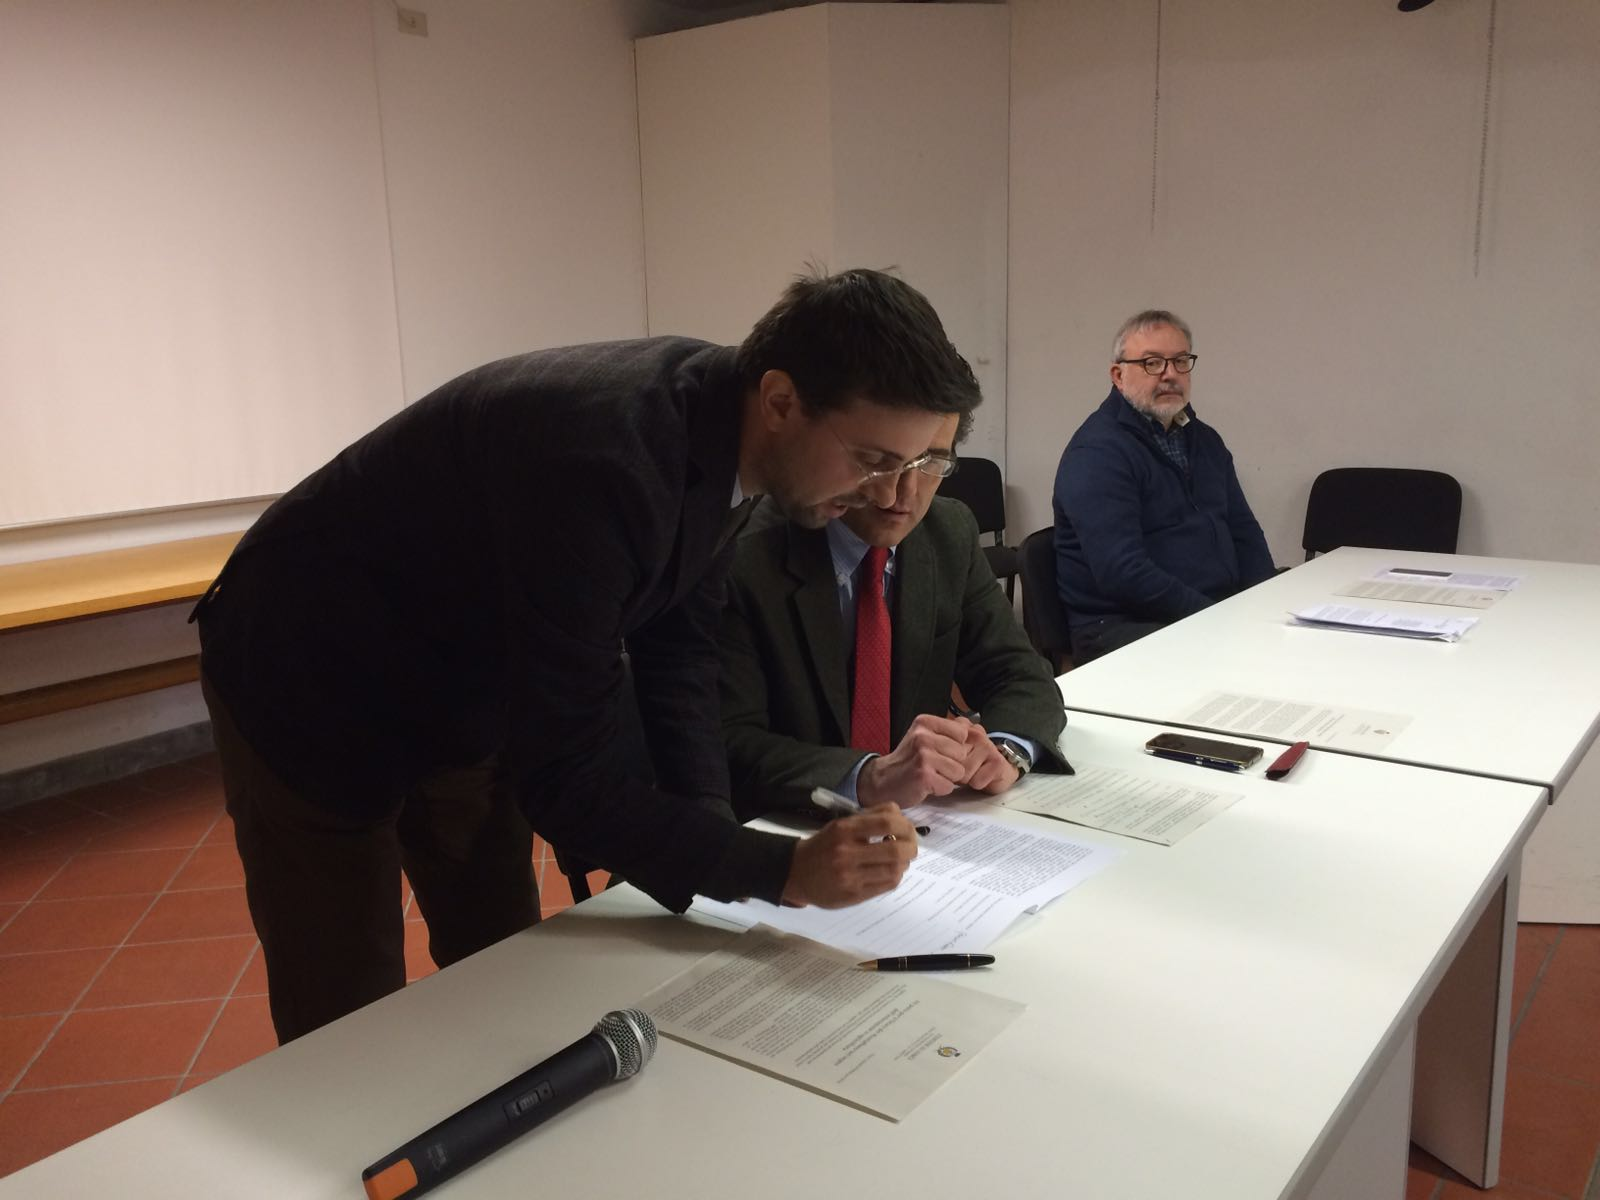 L'assessore allo Sviluppo economico Giacomo Mari sottoscrive il Protocollo d'intesa per il Comune di Poggio a Caiano